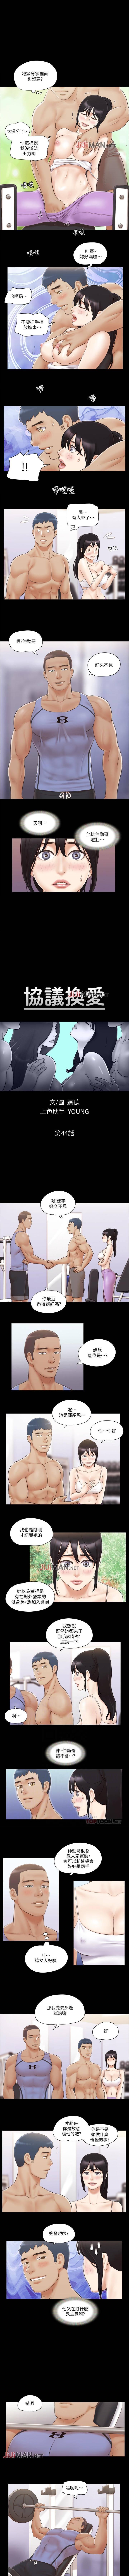 【周五连载】协议换爱(作者:遠德) 第1~62话 183